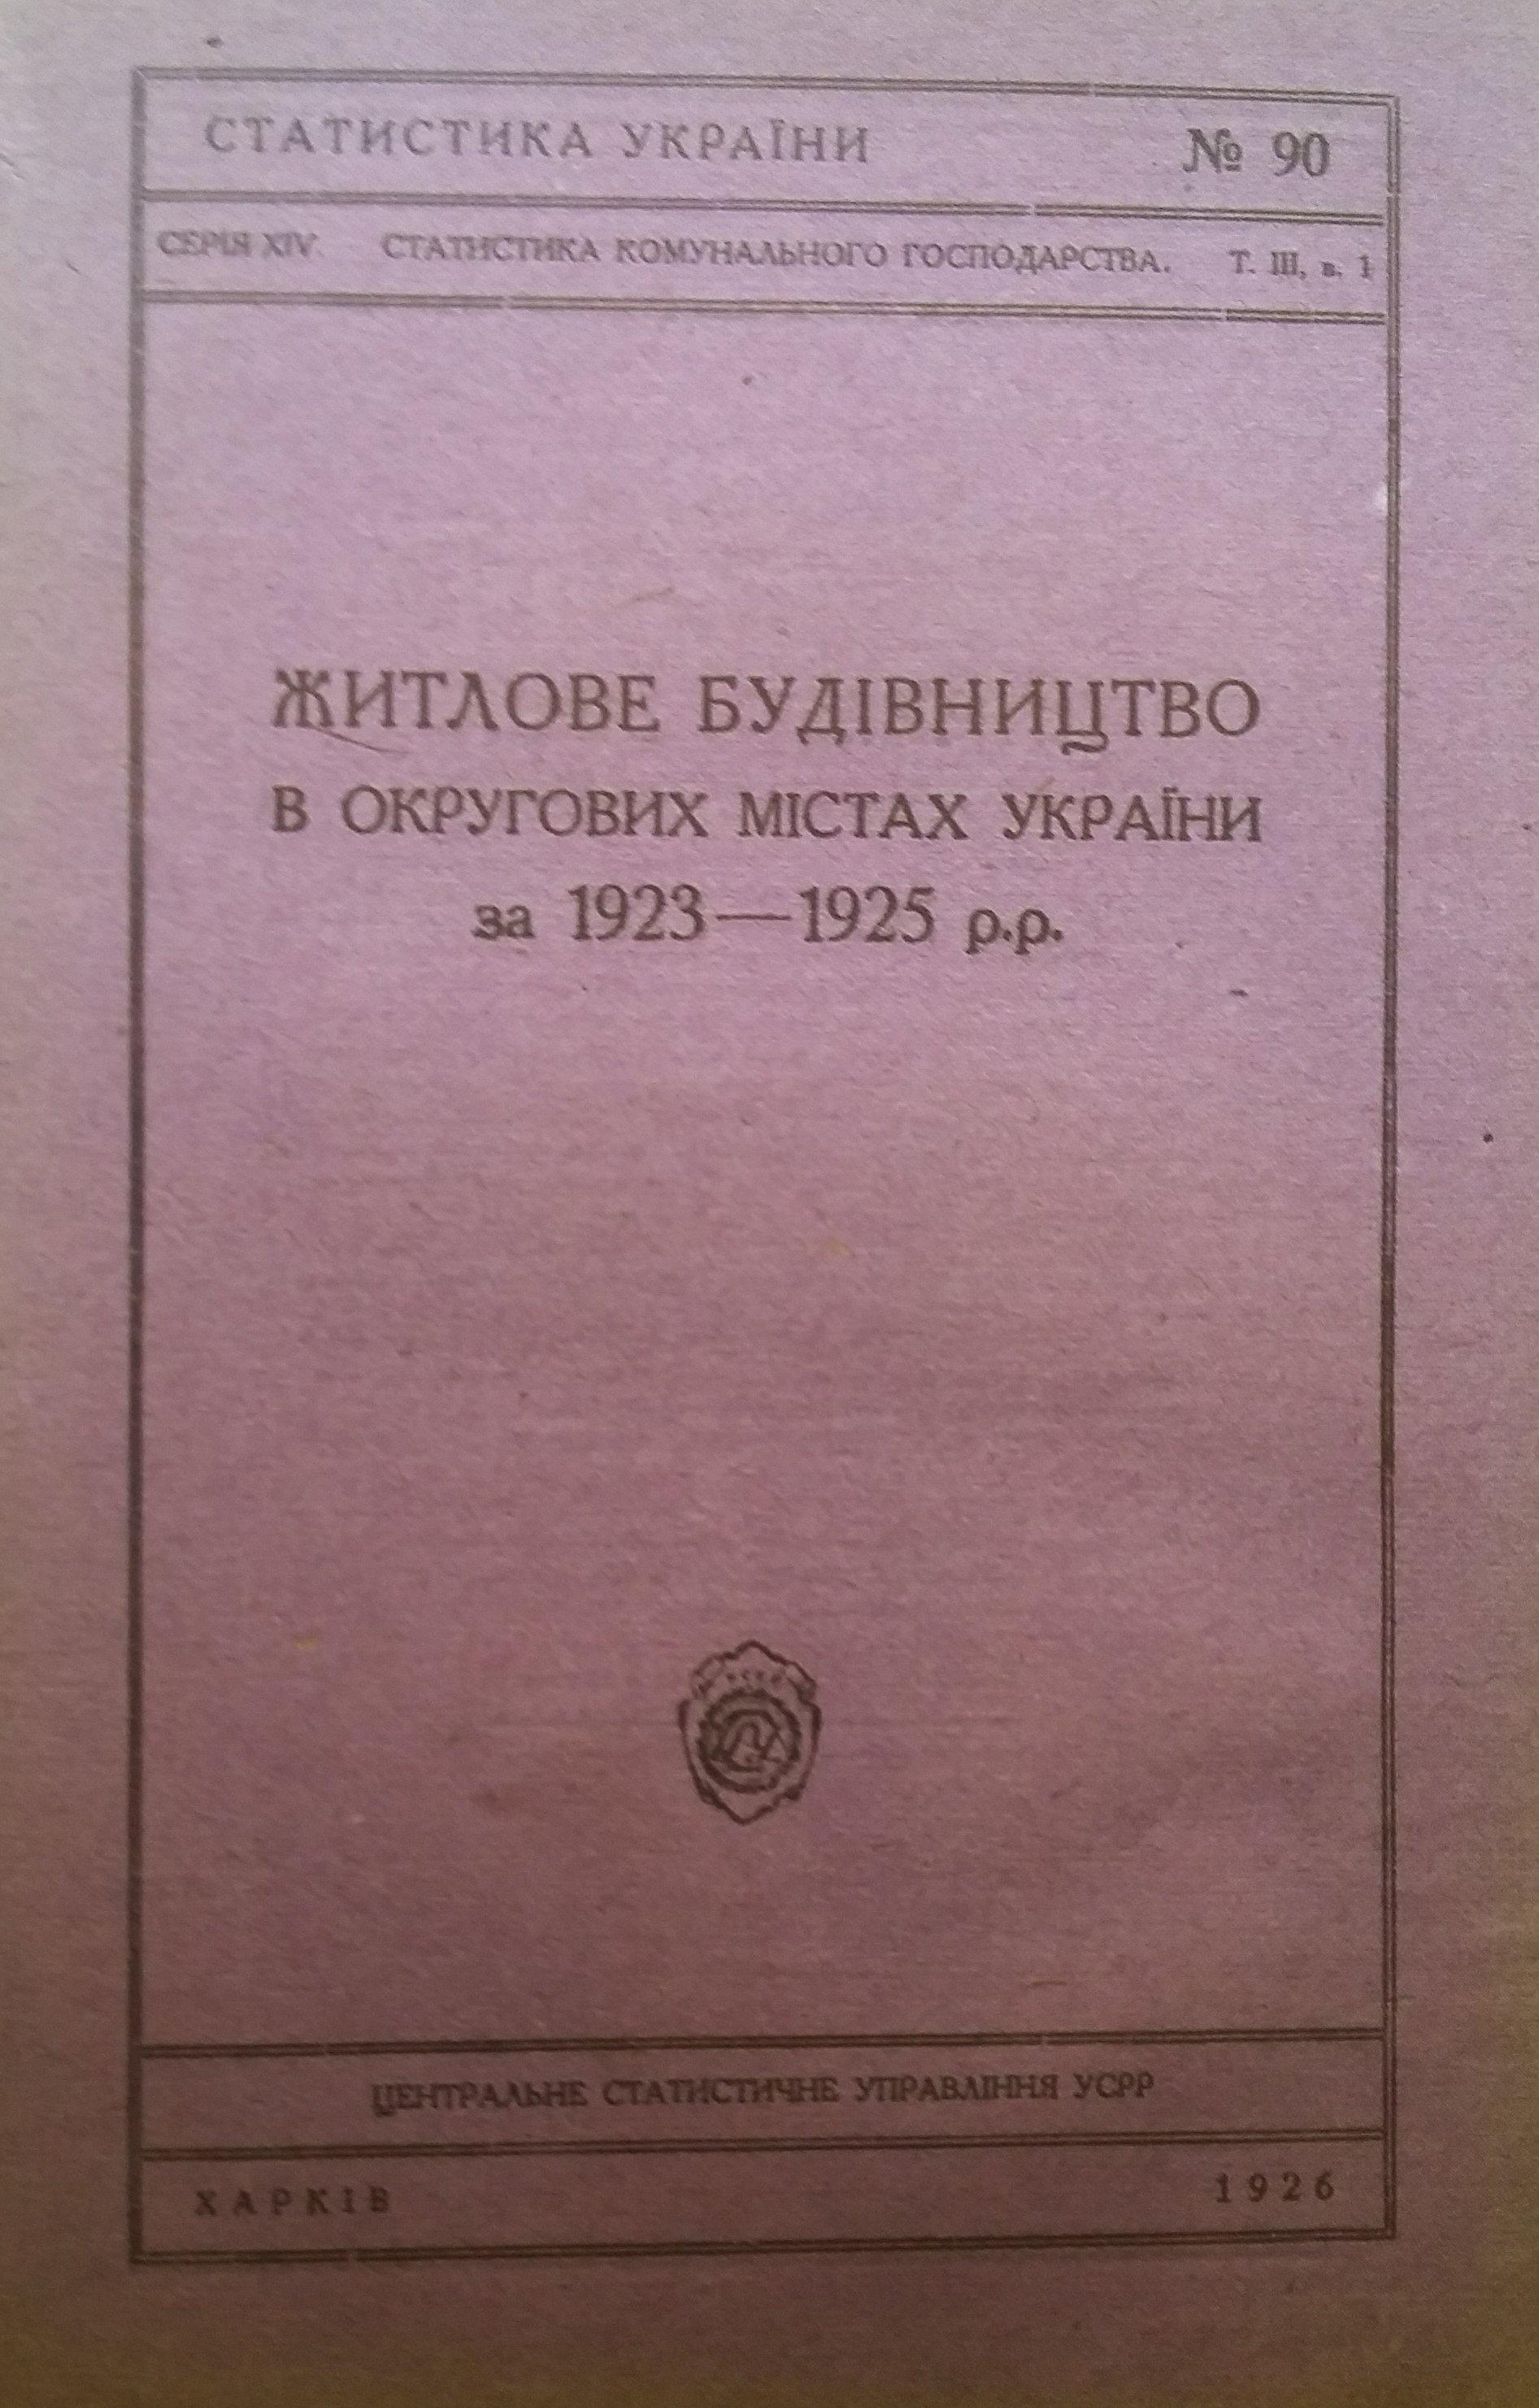 житлове будівництво в округових містах україни за 1923-1925 рр.